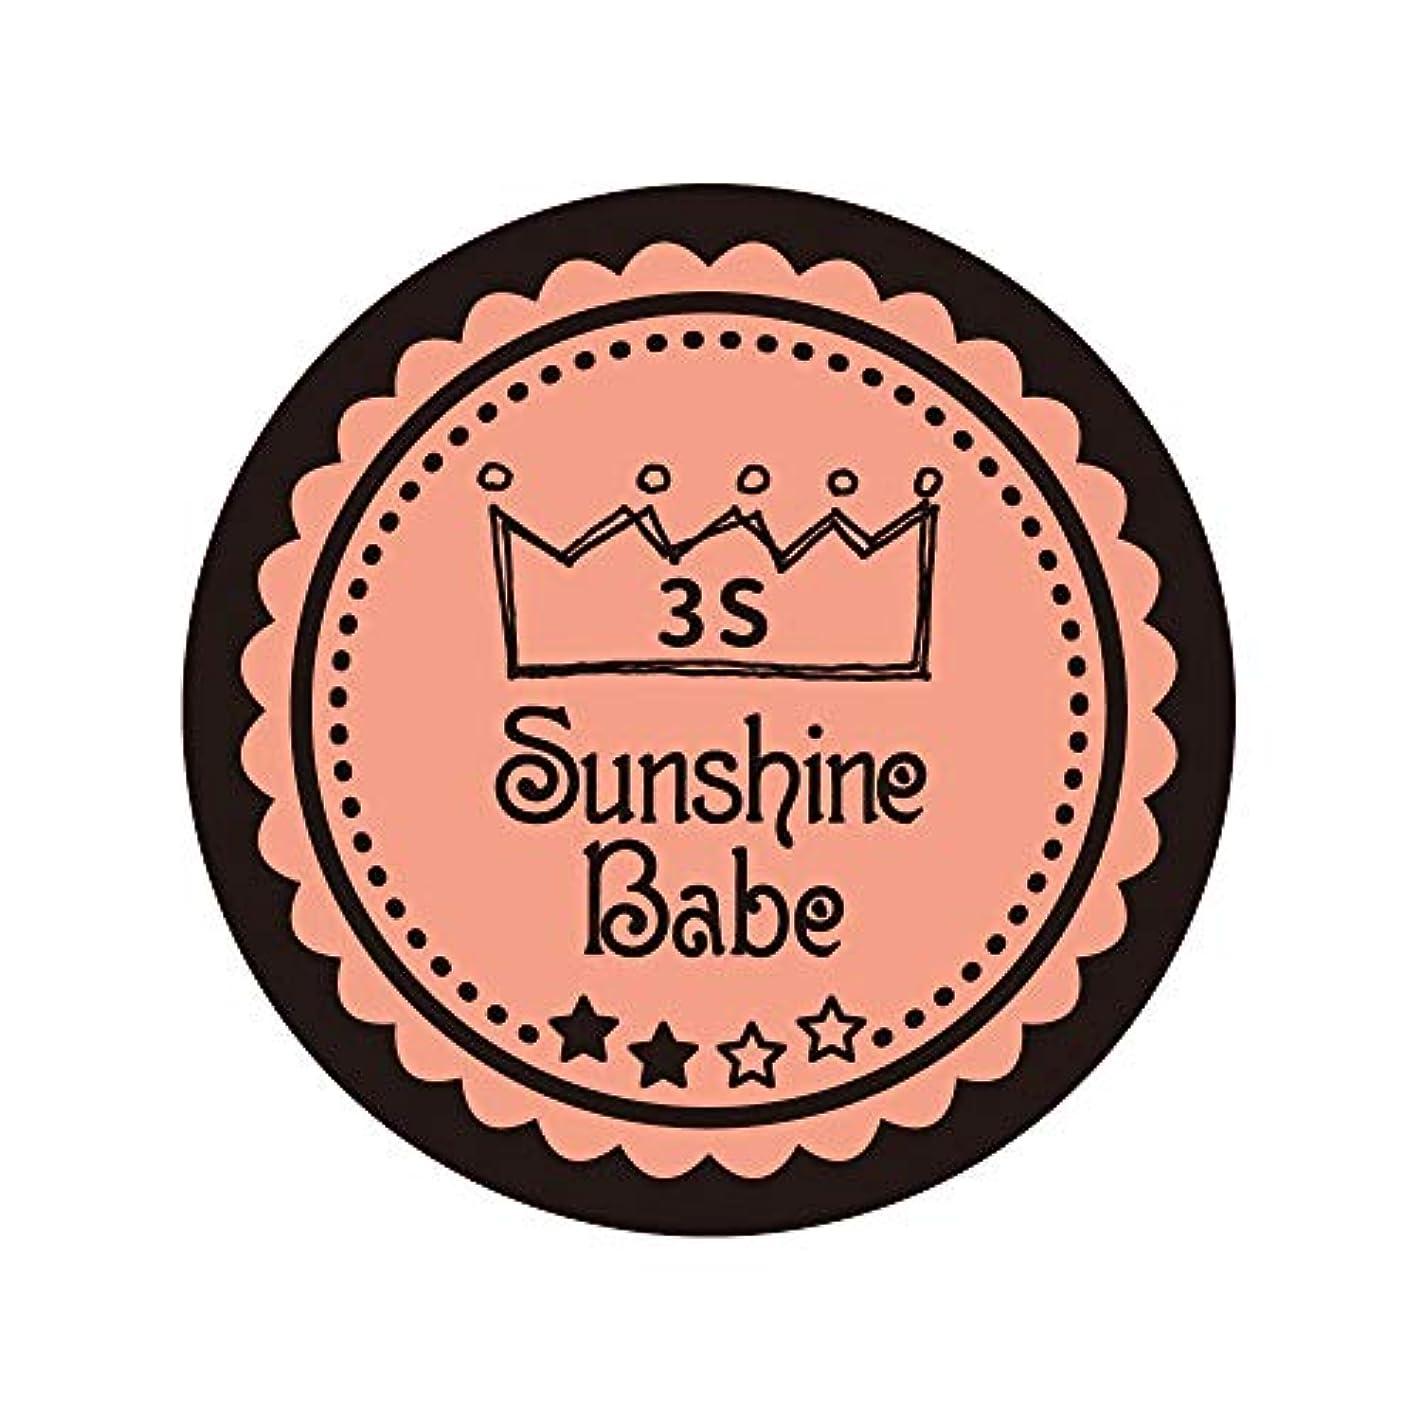 アヒル涙が出る私たちのSunshine Babe カラージェル 3S ブルーミングダリア 2.7g UV/LED対応